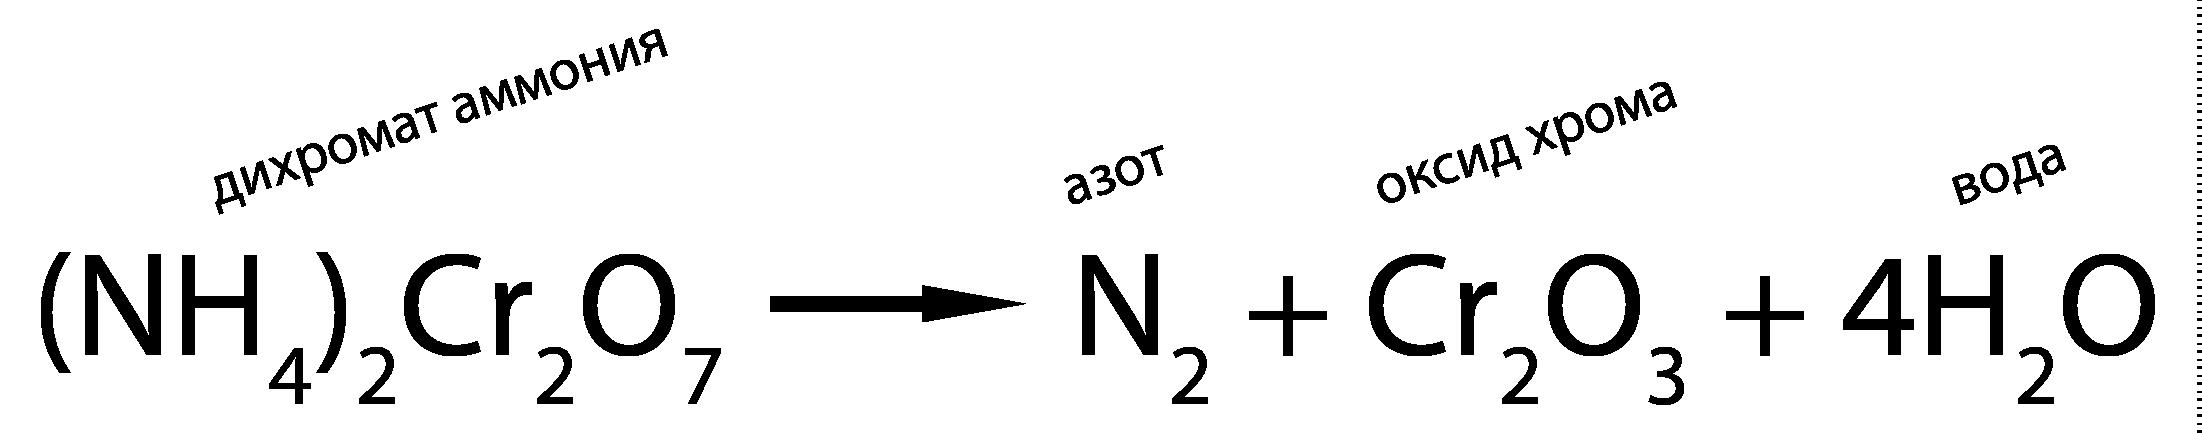 чистый азот можно получить при разложении дихромата аммония